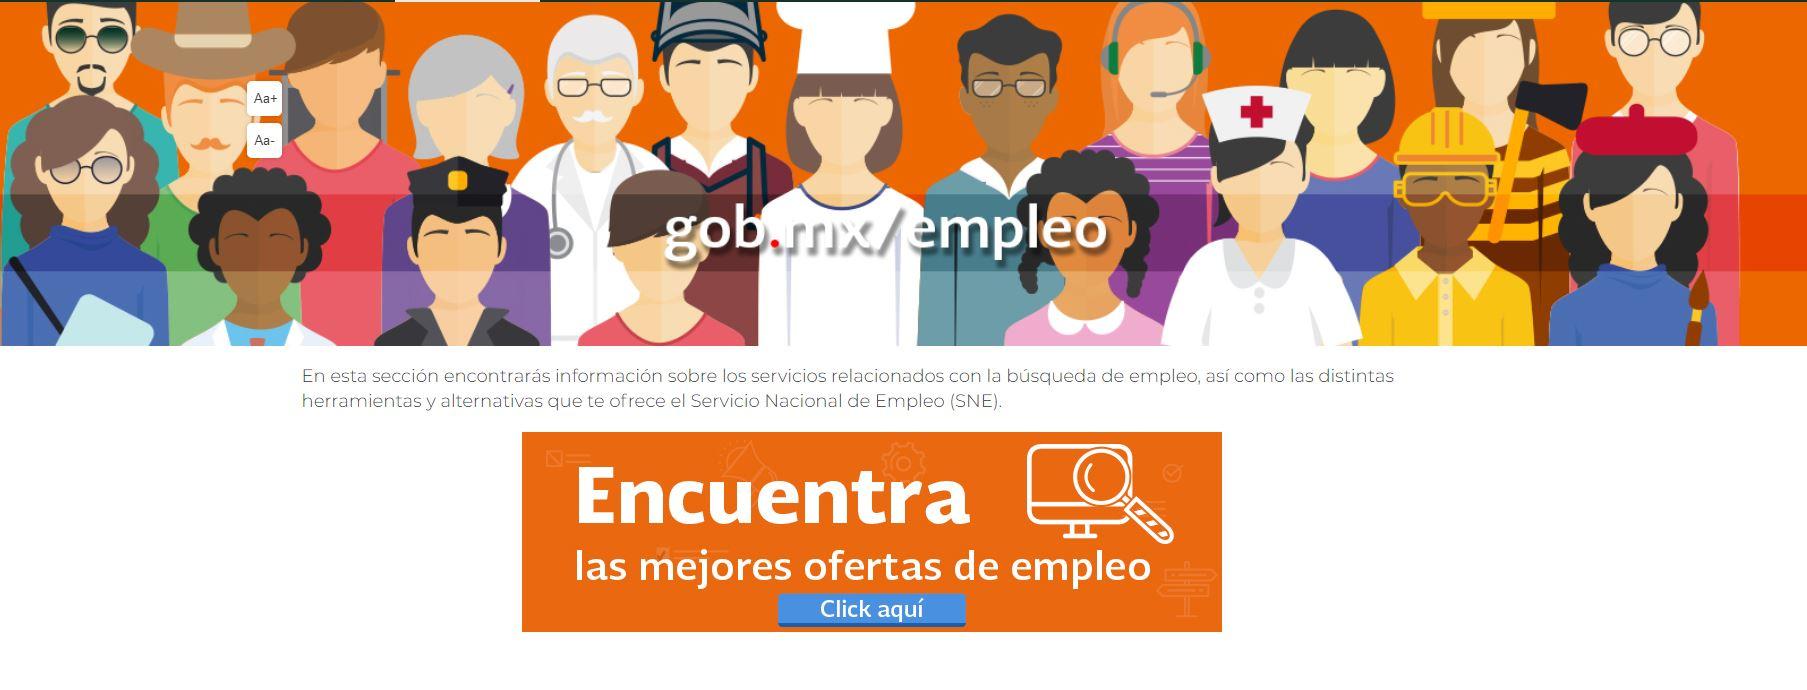 empleo-consulta-vacantes-de-trabajo-en-el-edomex-aqui-1-160494